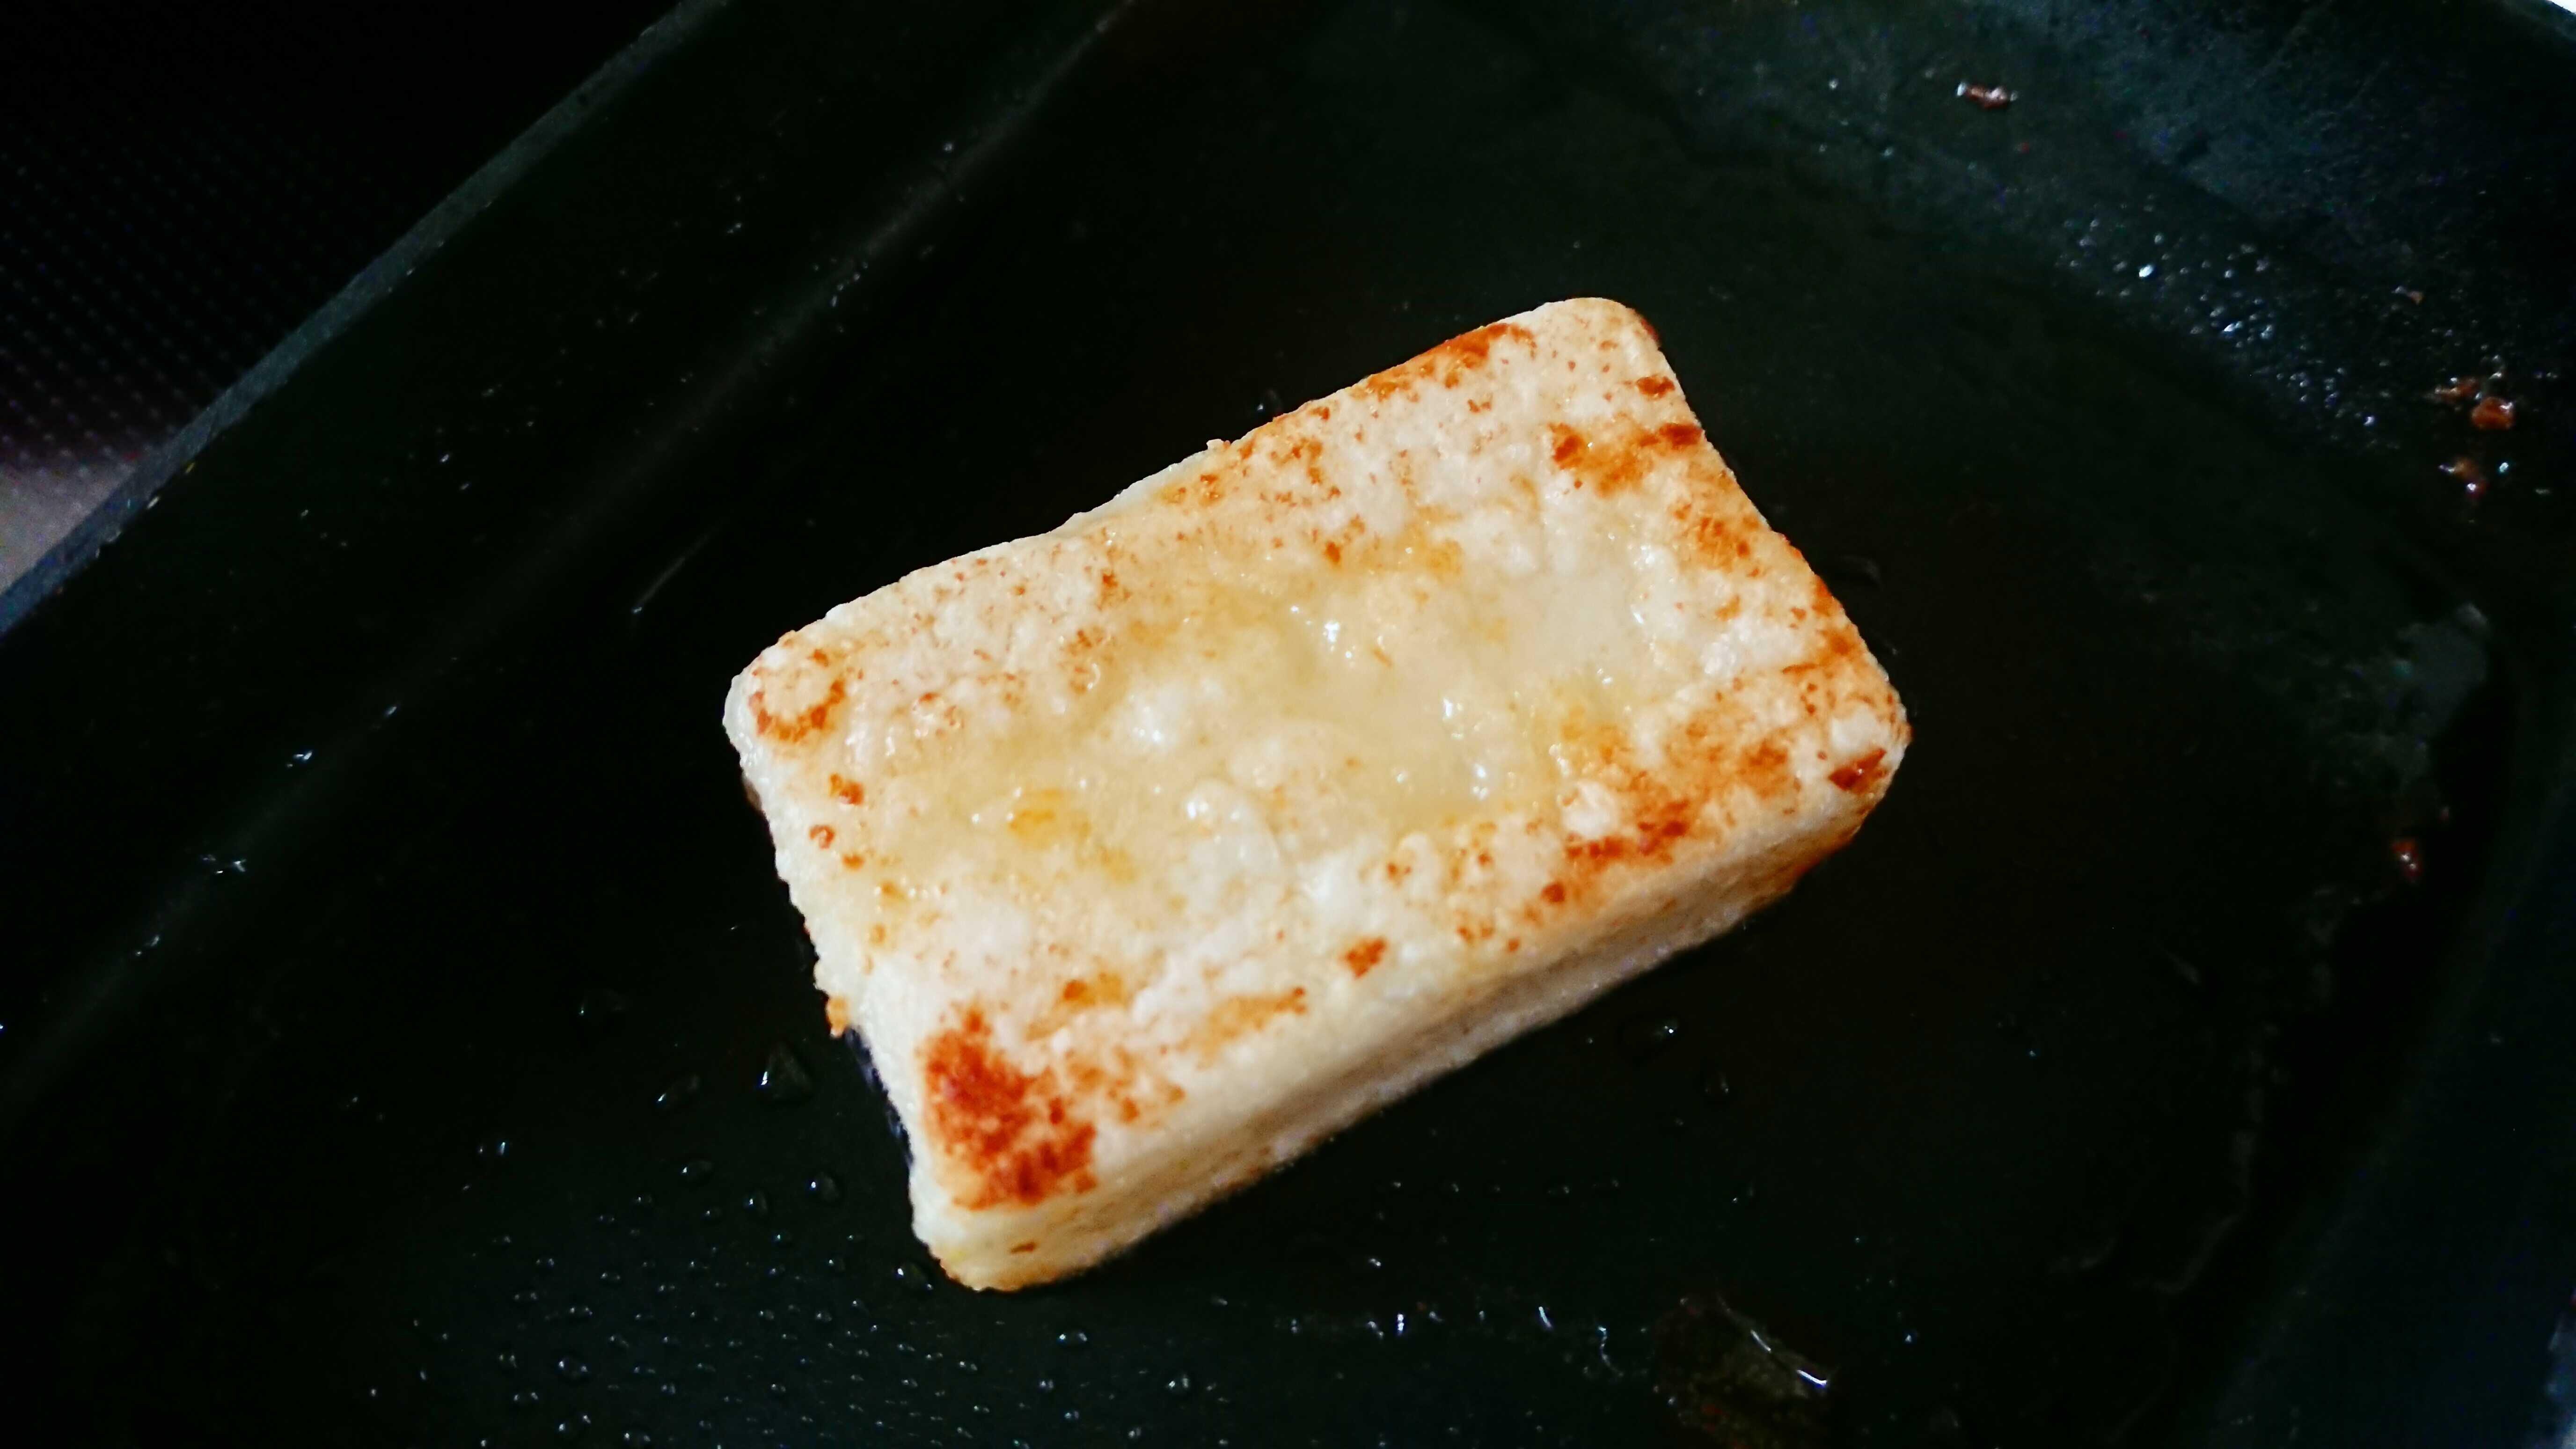 弱火~中火で3分程度、餅をバターに絡めて焼く